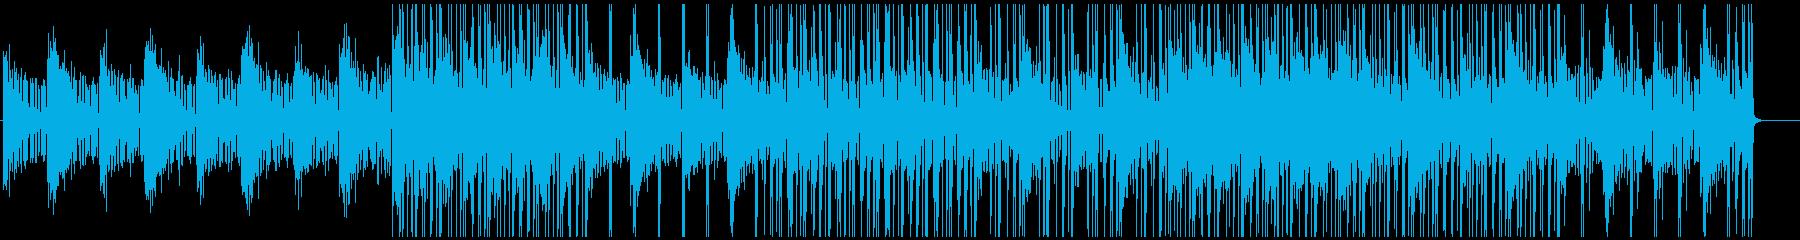 まったりミニマムチルアウトの再生済みの波形